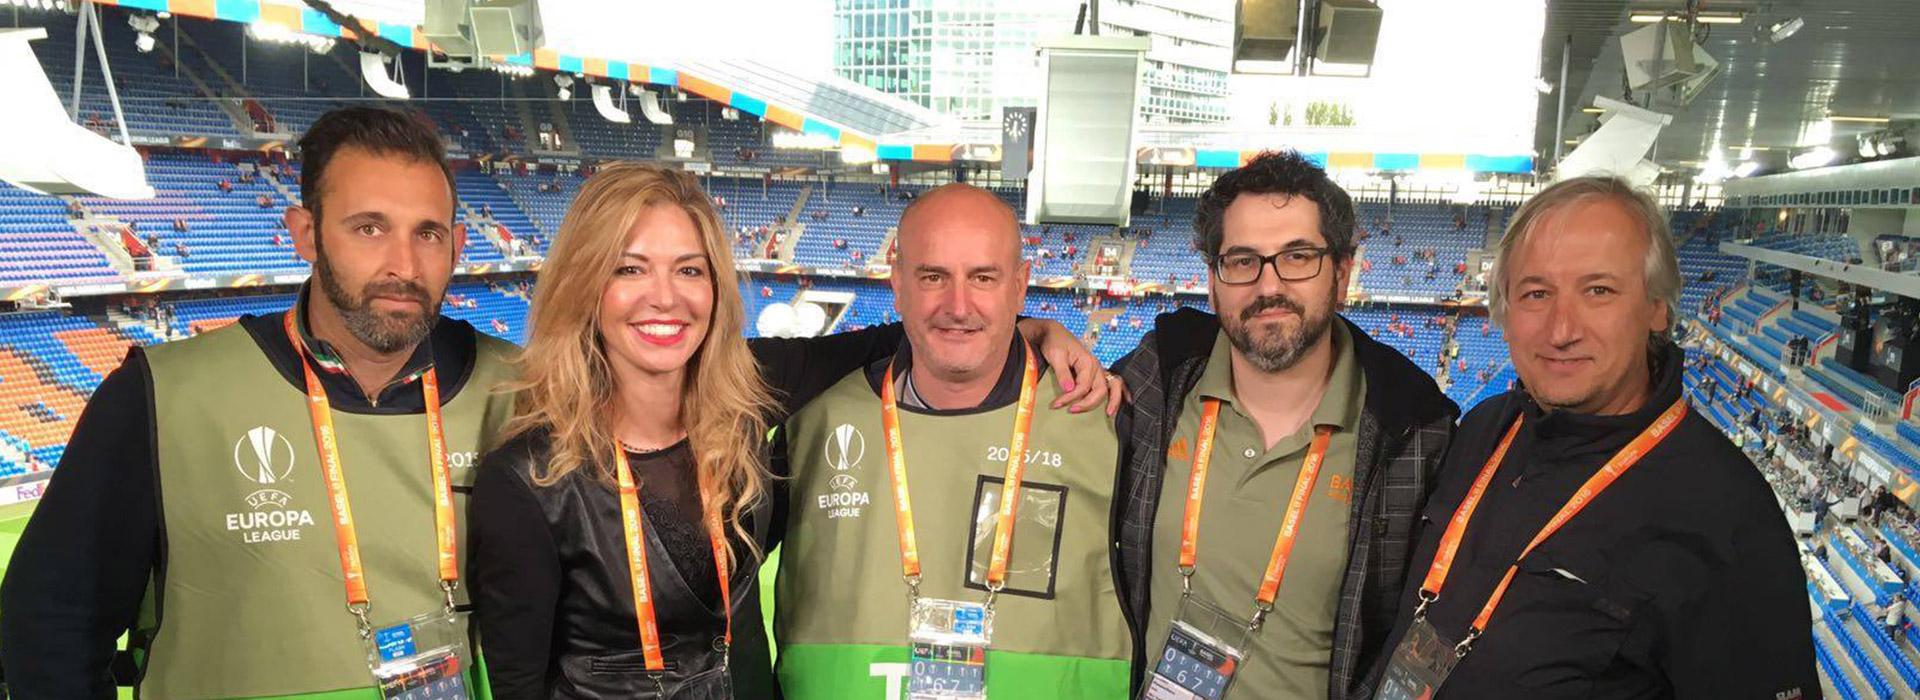 Il Team Videe all'Europa League